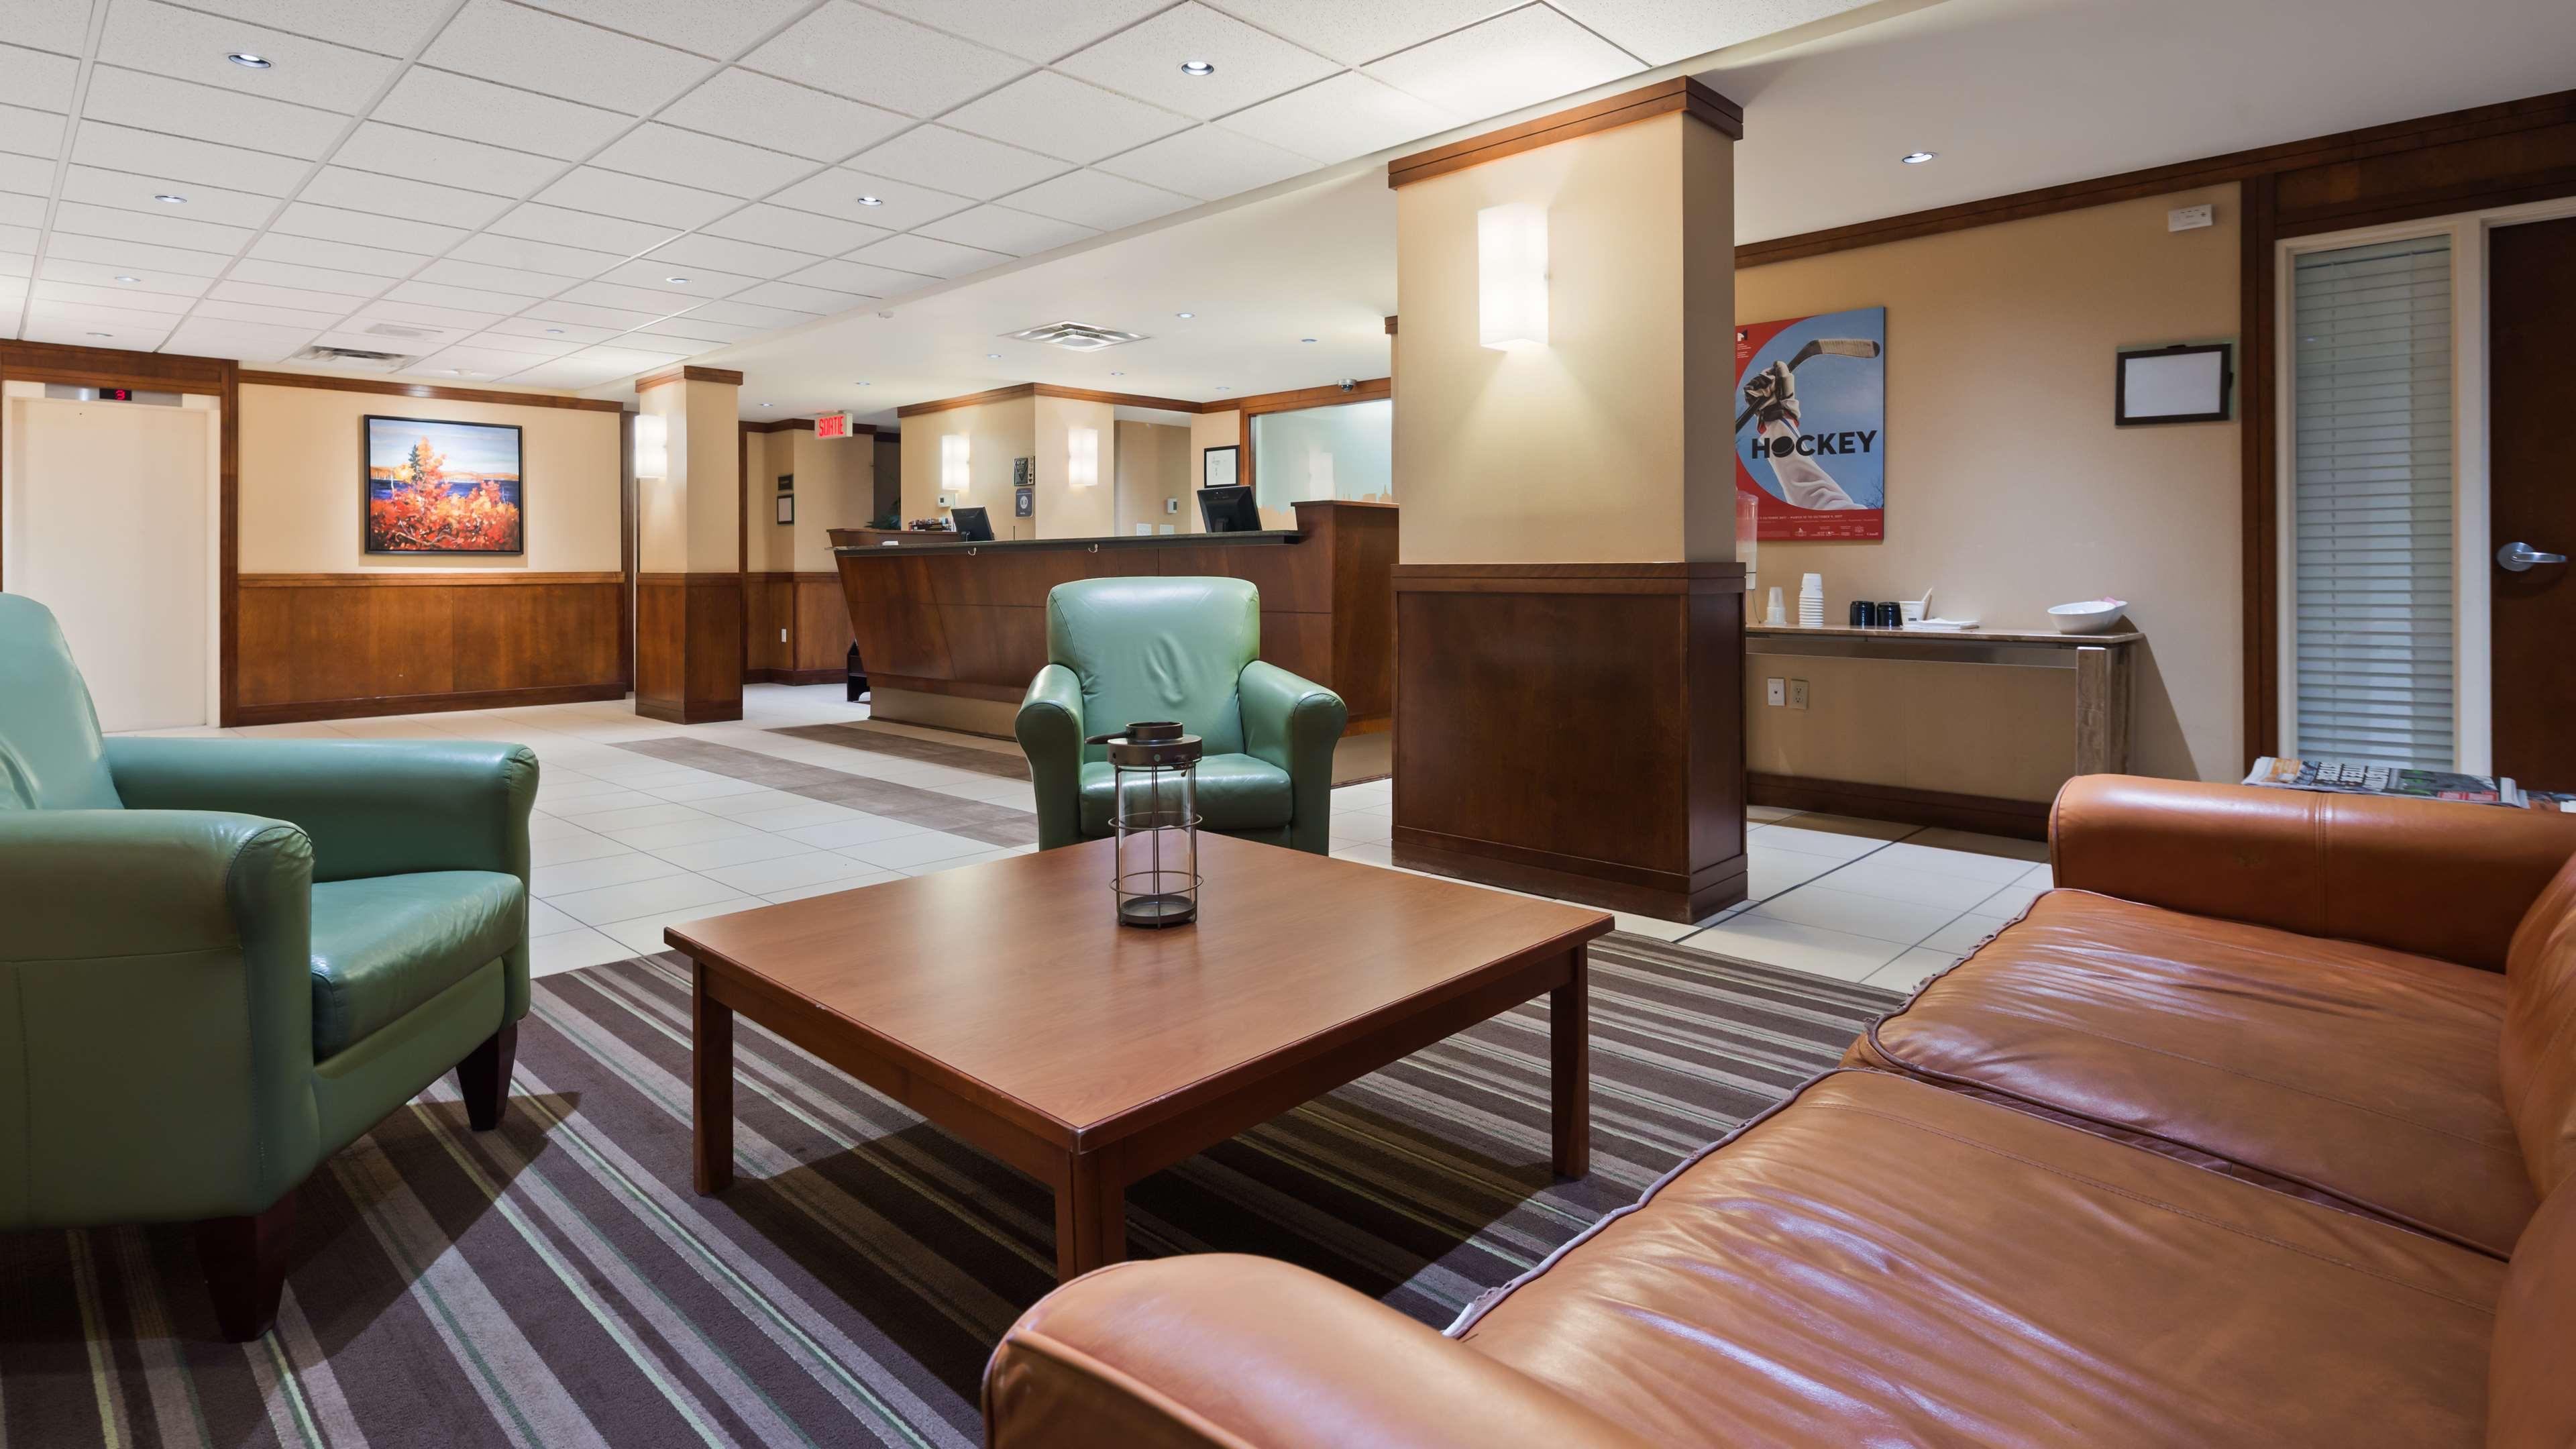 Best western plus gatineau ottawa gatineau qc ourbis for Hotel design ottawa